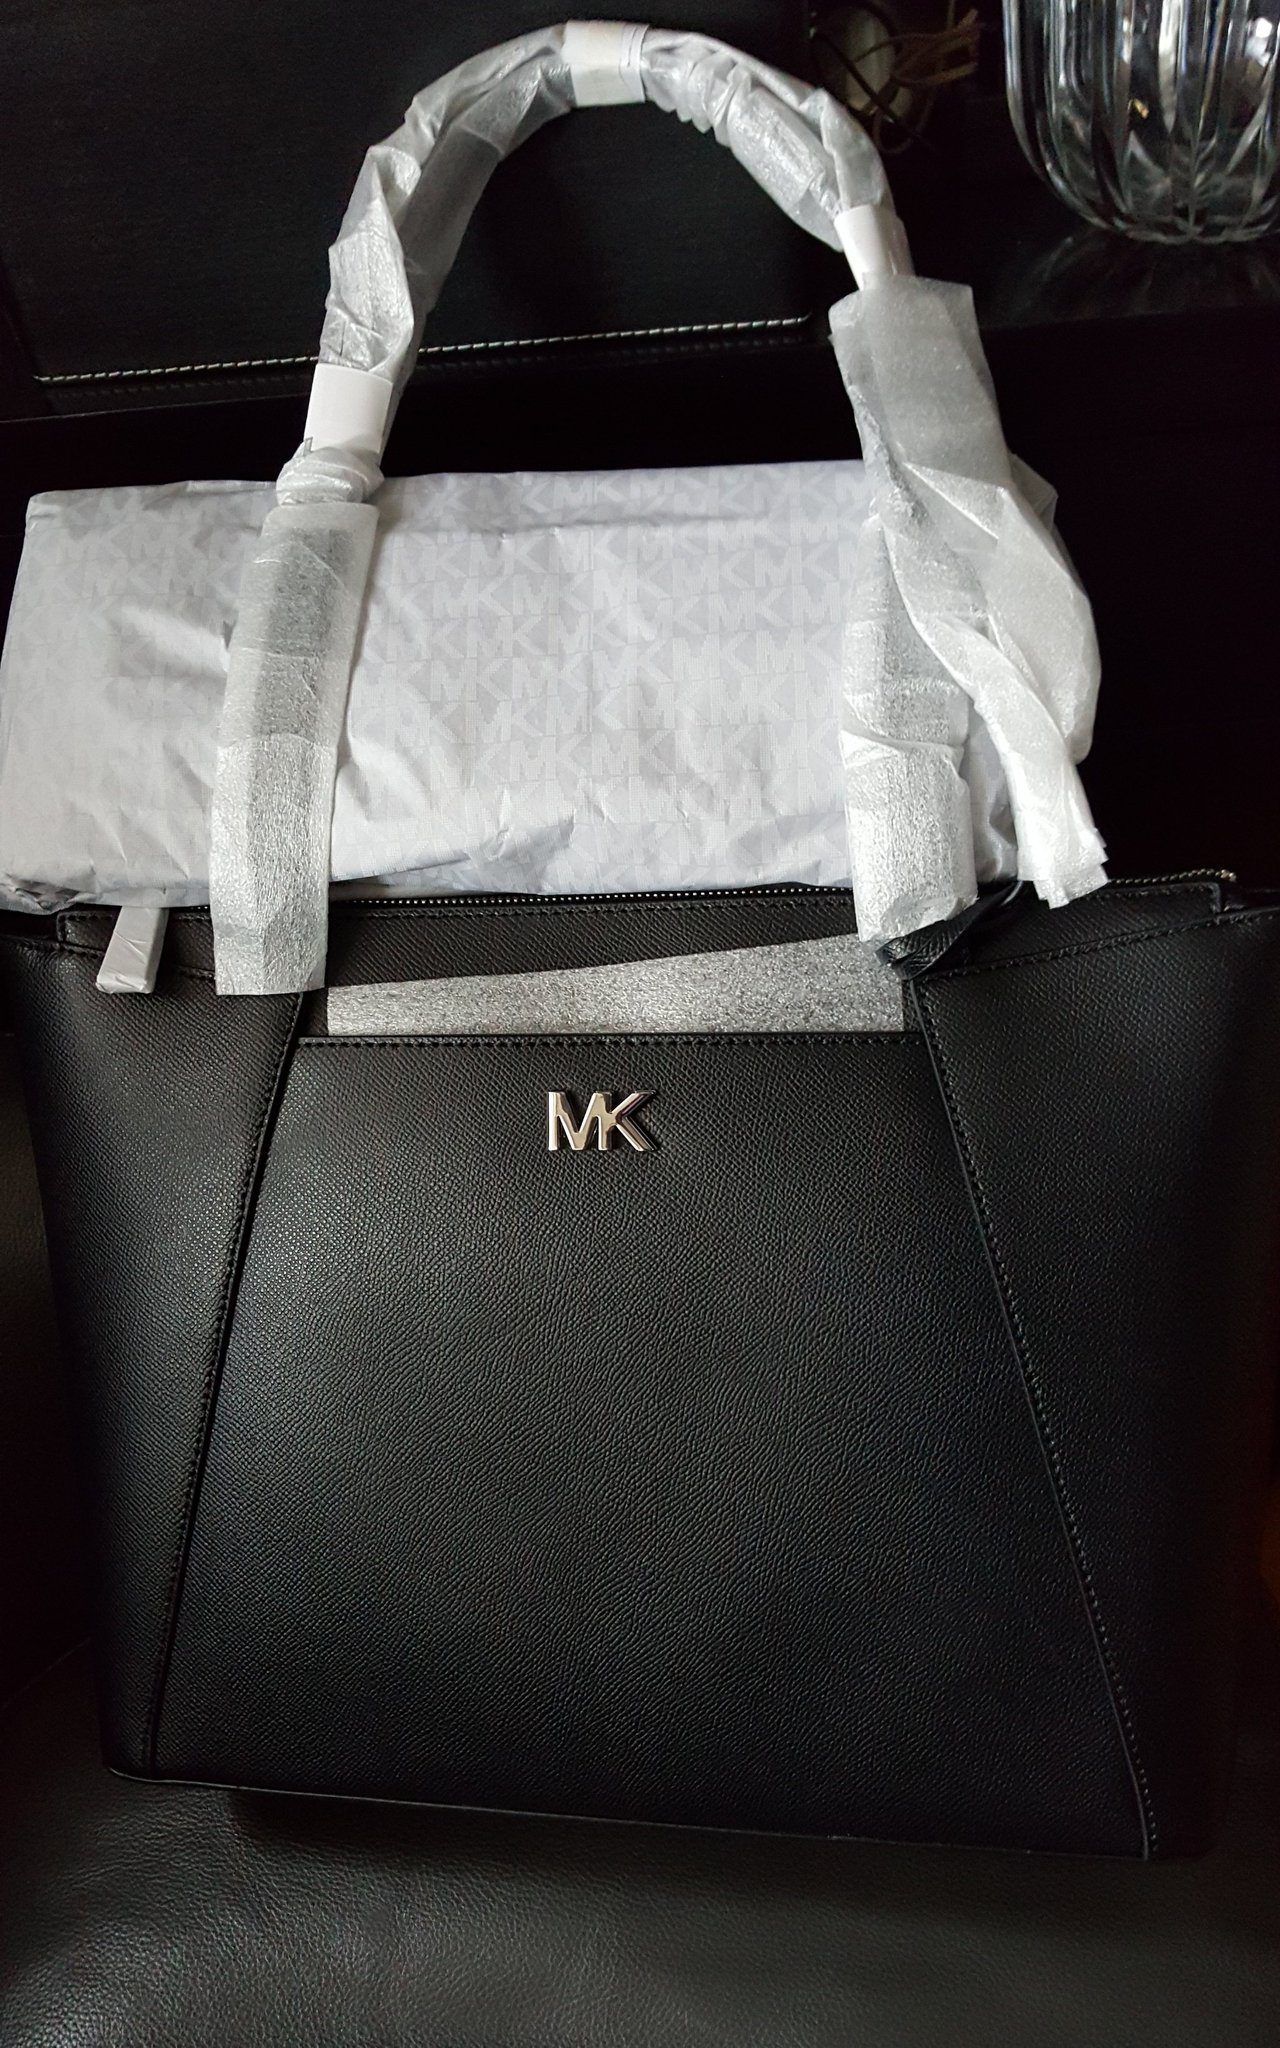 2500kr NY äkta läder Michael Kors svart silver MK skinn axelremsväska stor väska